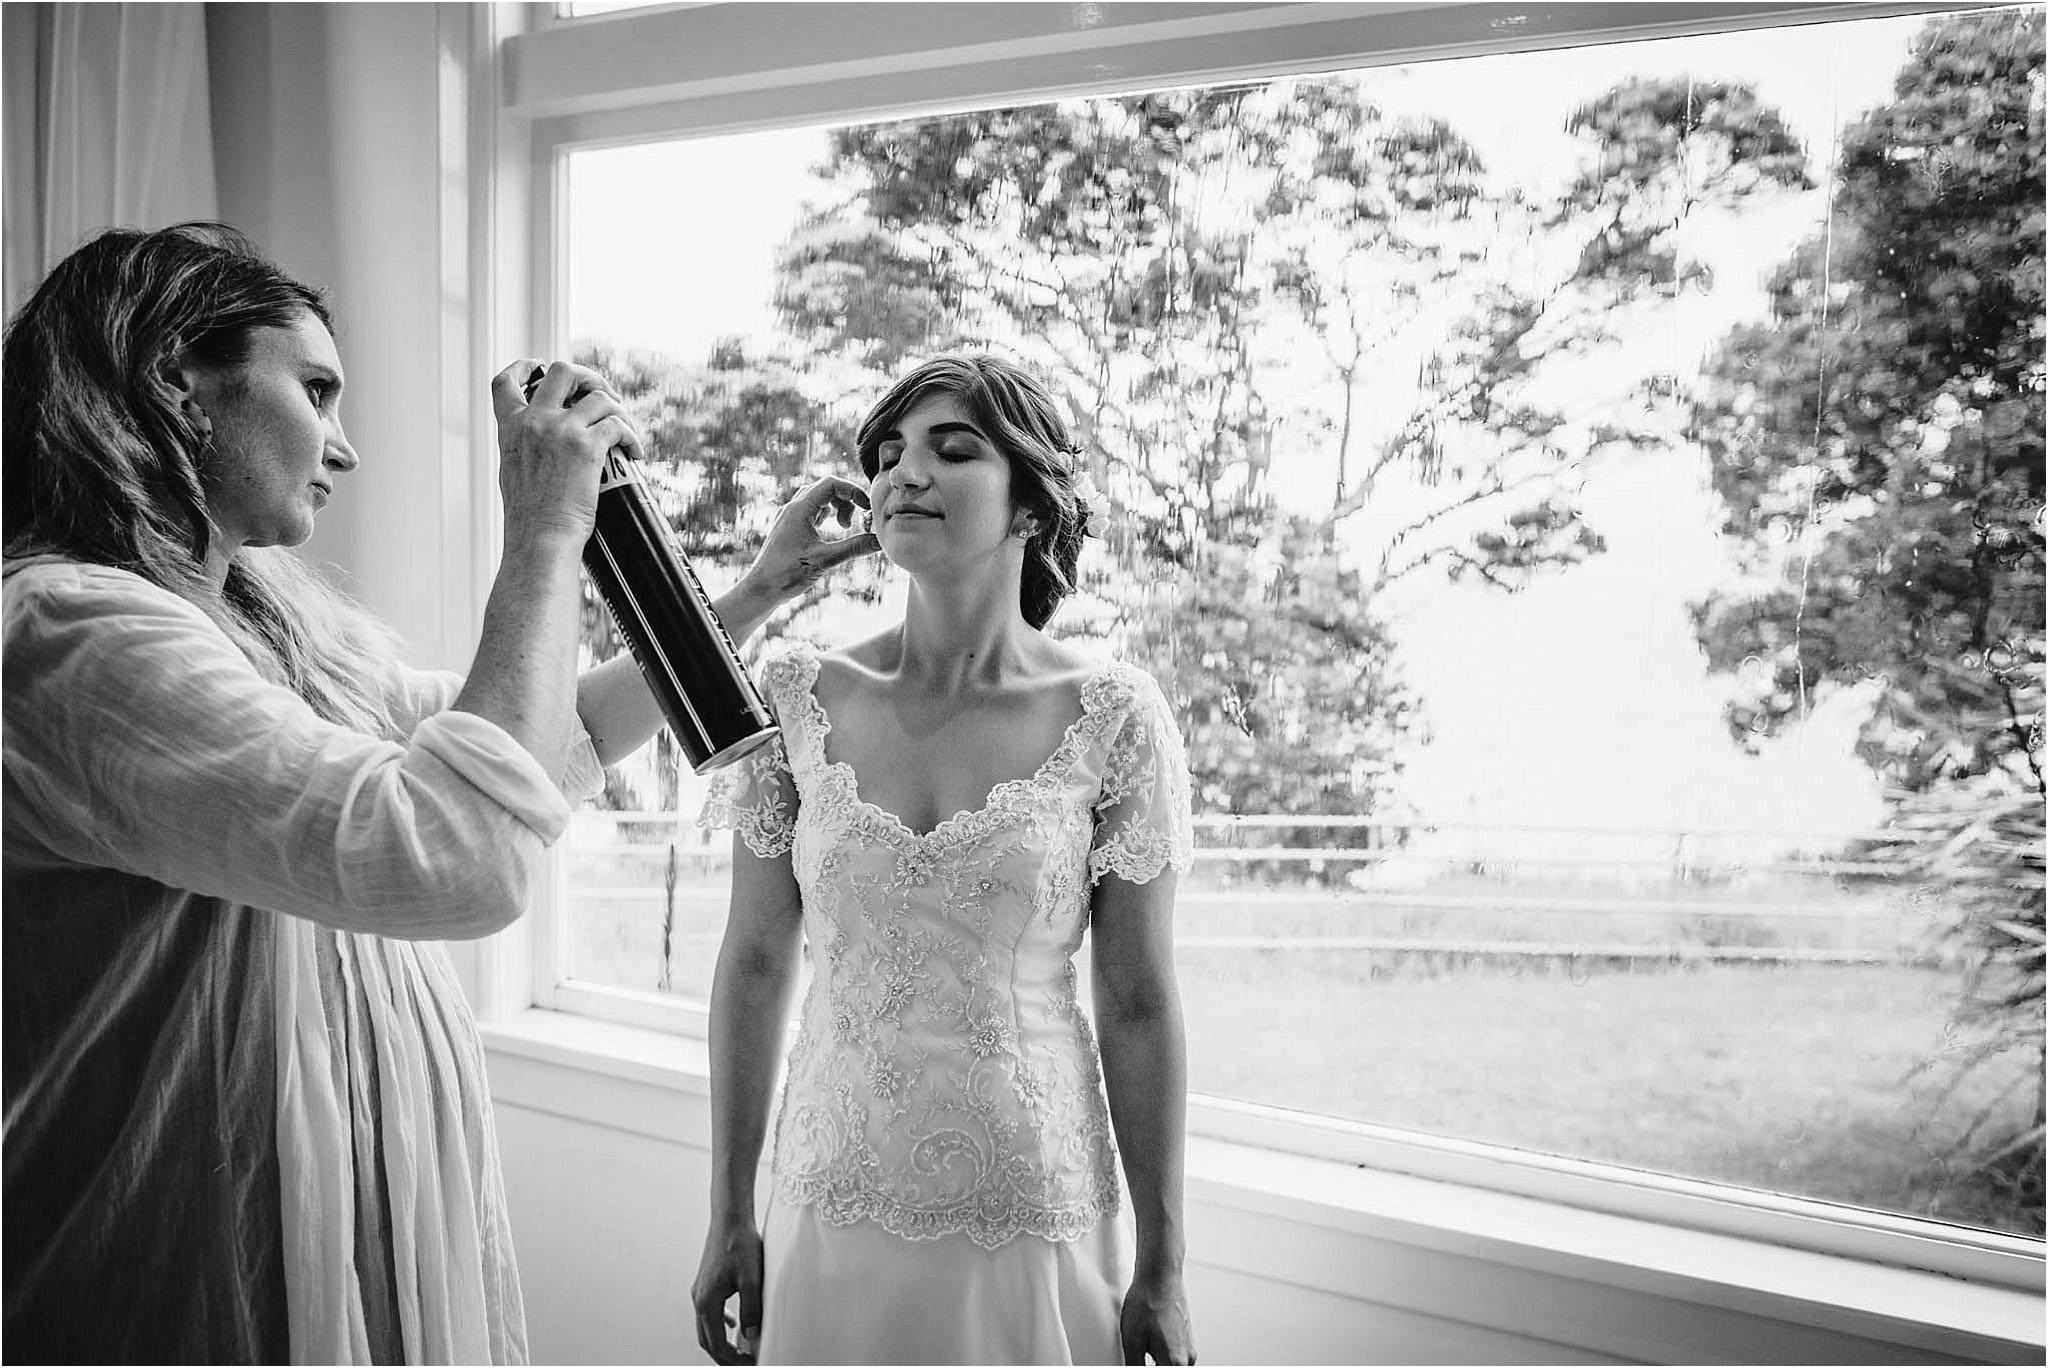 Auckland-Wedding-Photographer-Vanessa-Julian-Officers-Mess-Married_0005.jpg